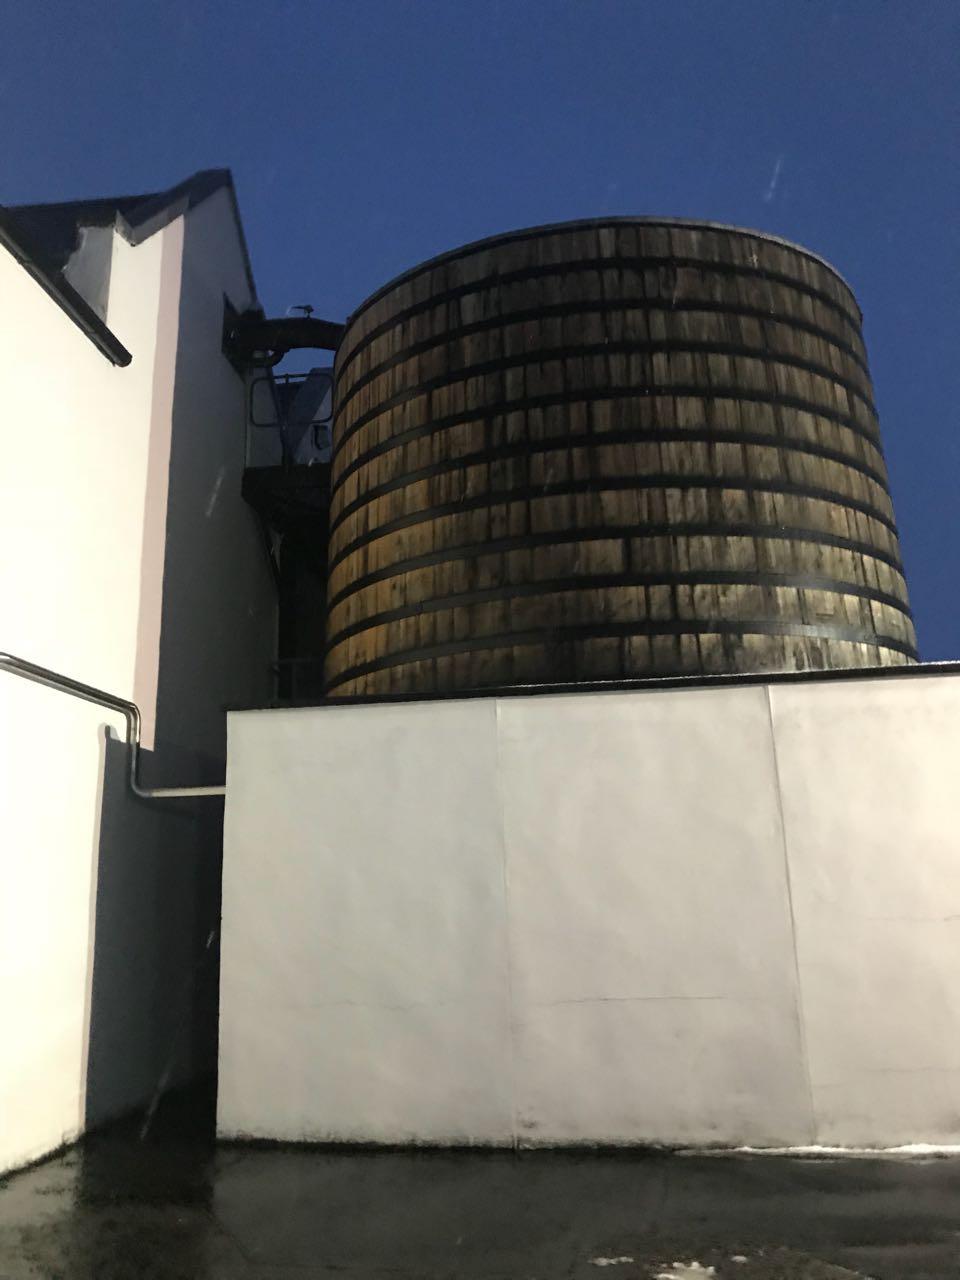 Die Worm Tubs der Brennerei Dalwhinnie. Diese stehen außerhalb des Gebäudes.